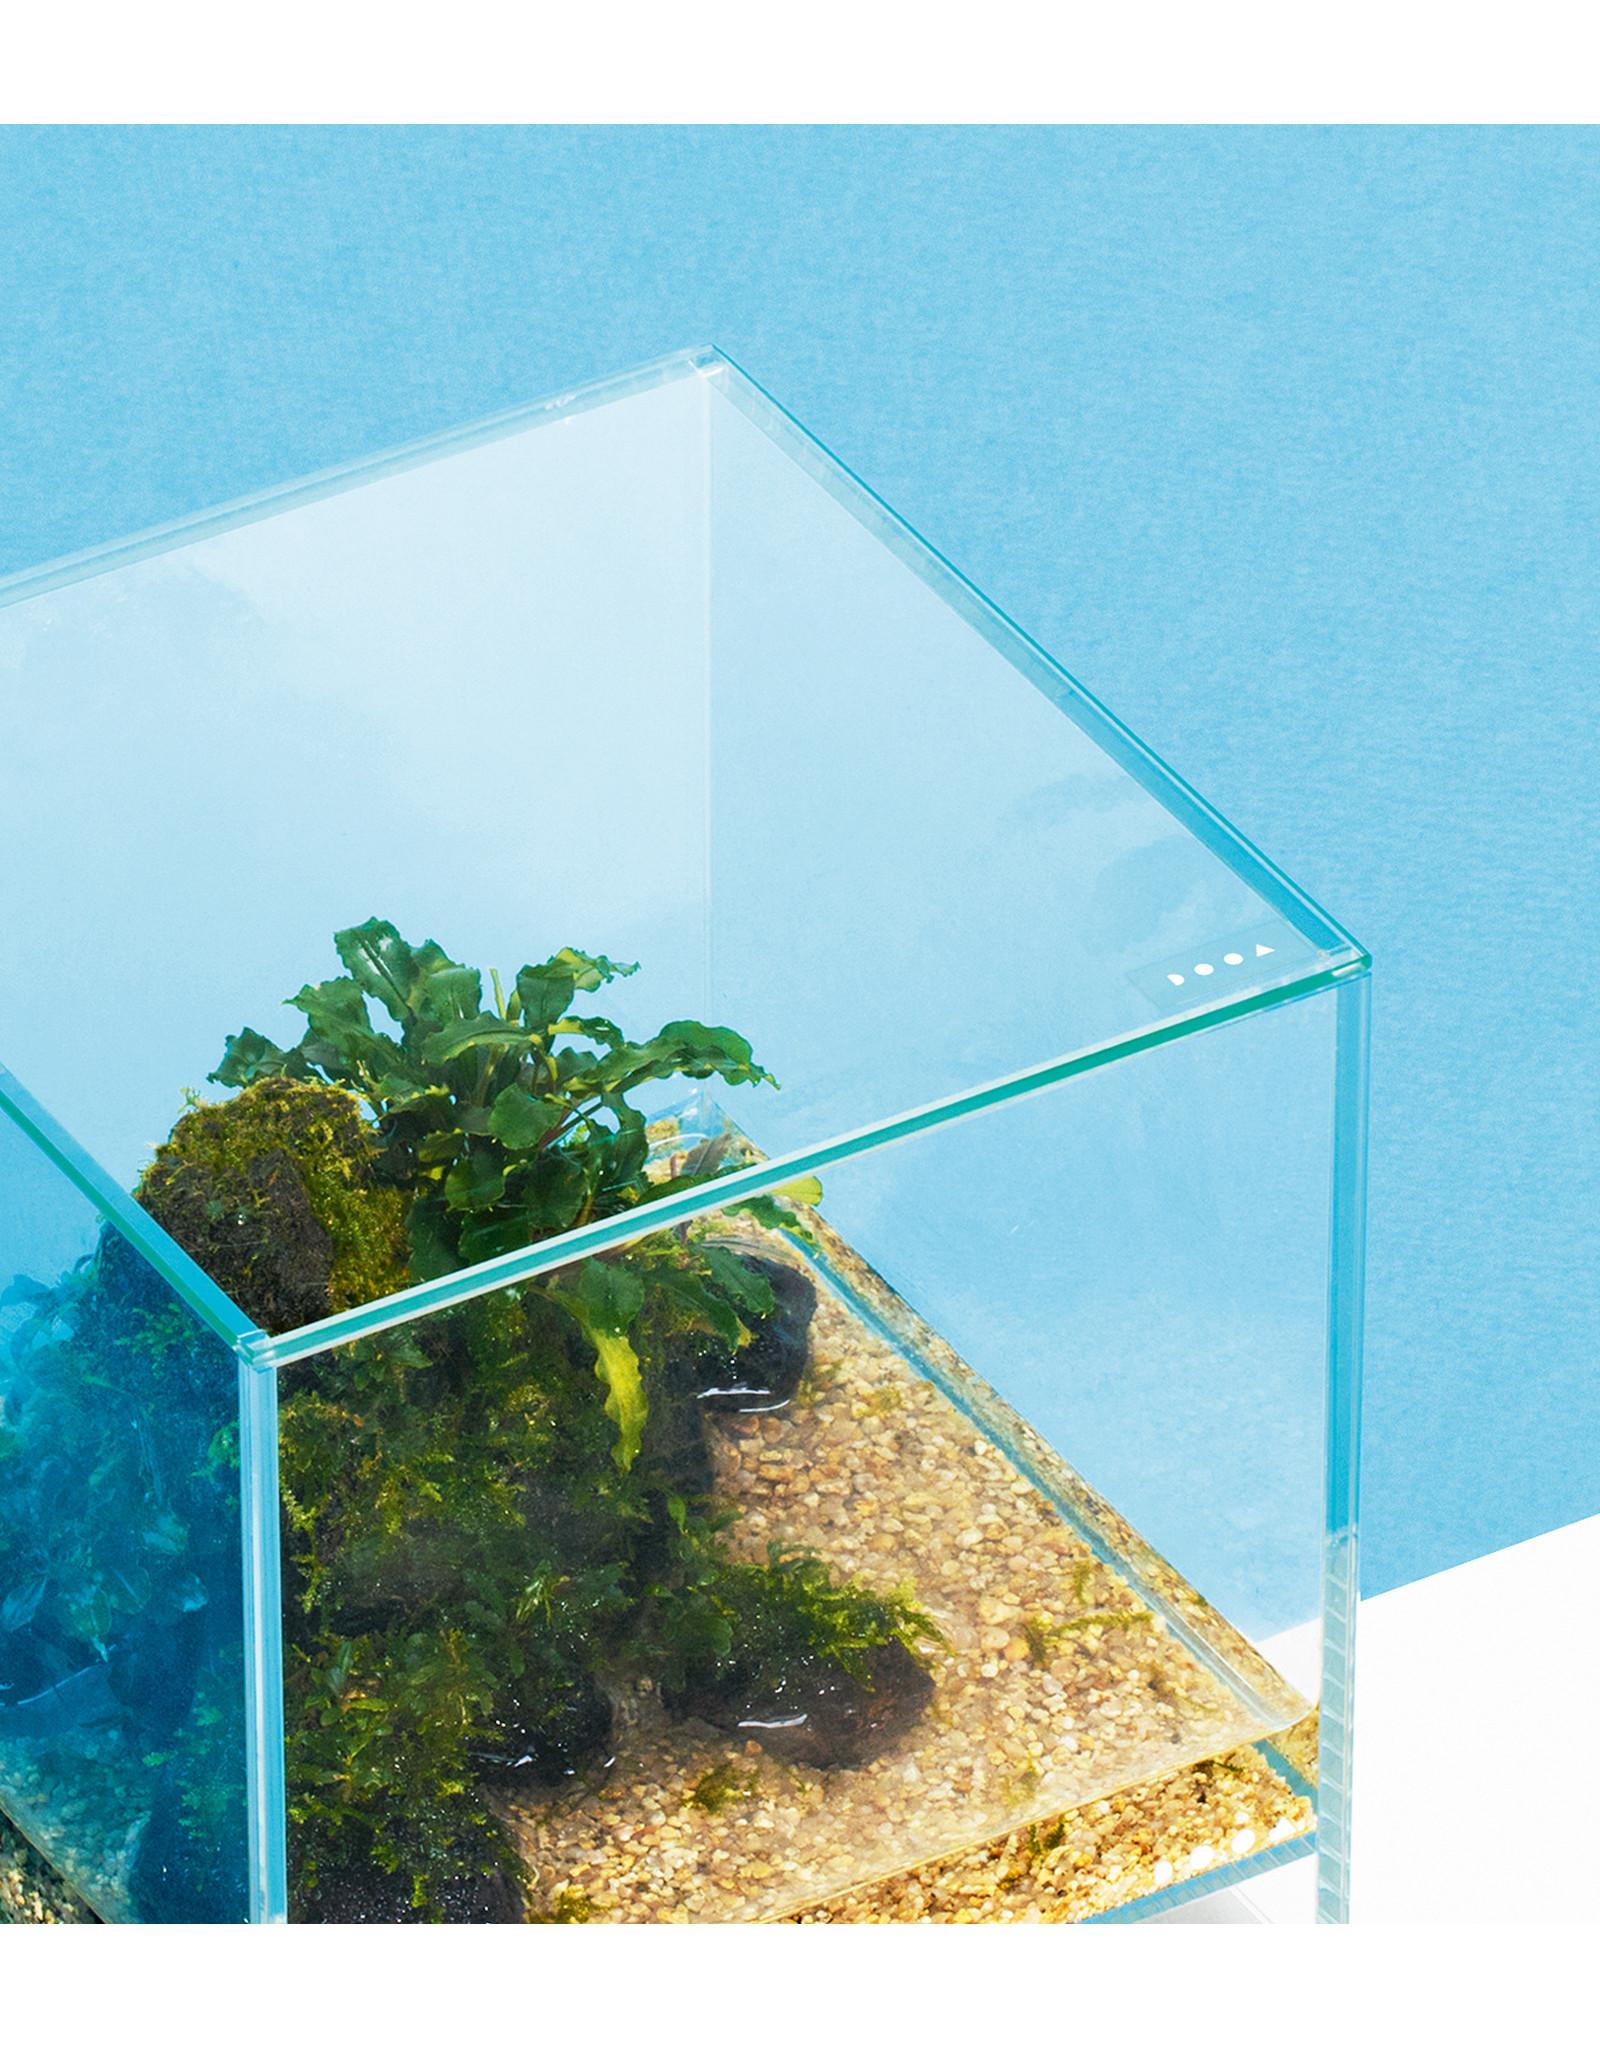 DOOA DOOA Neo Glass AIR Glass Cover 30x30cm